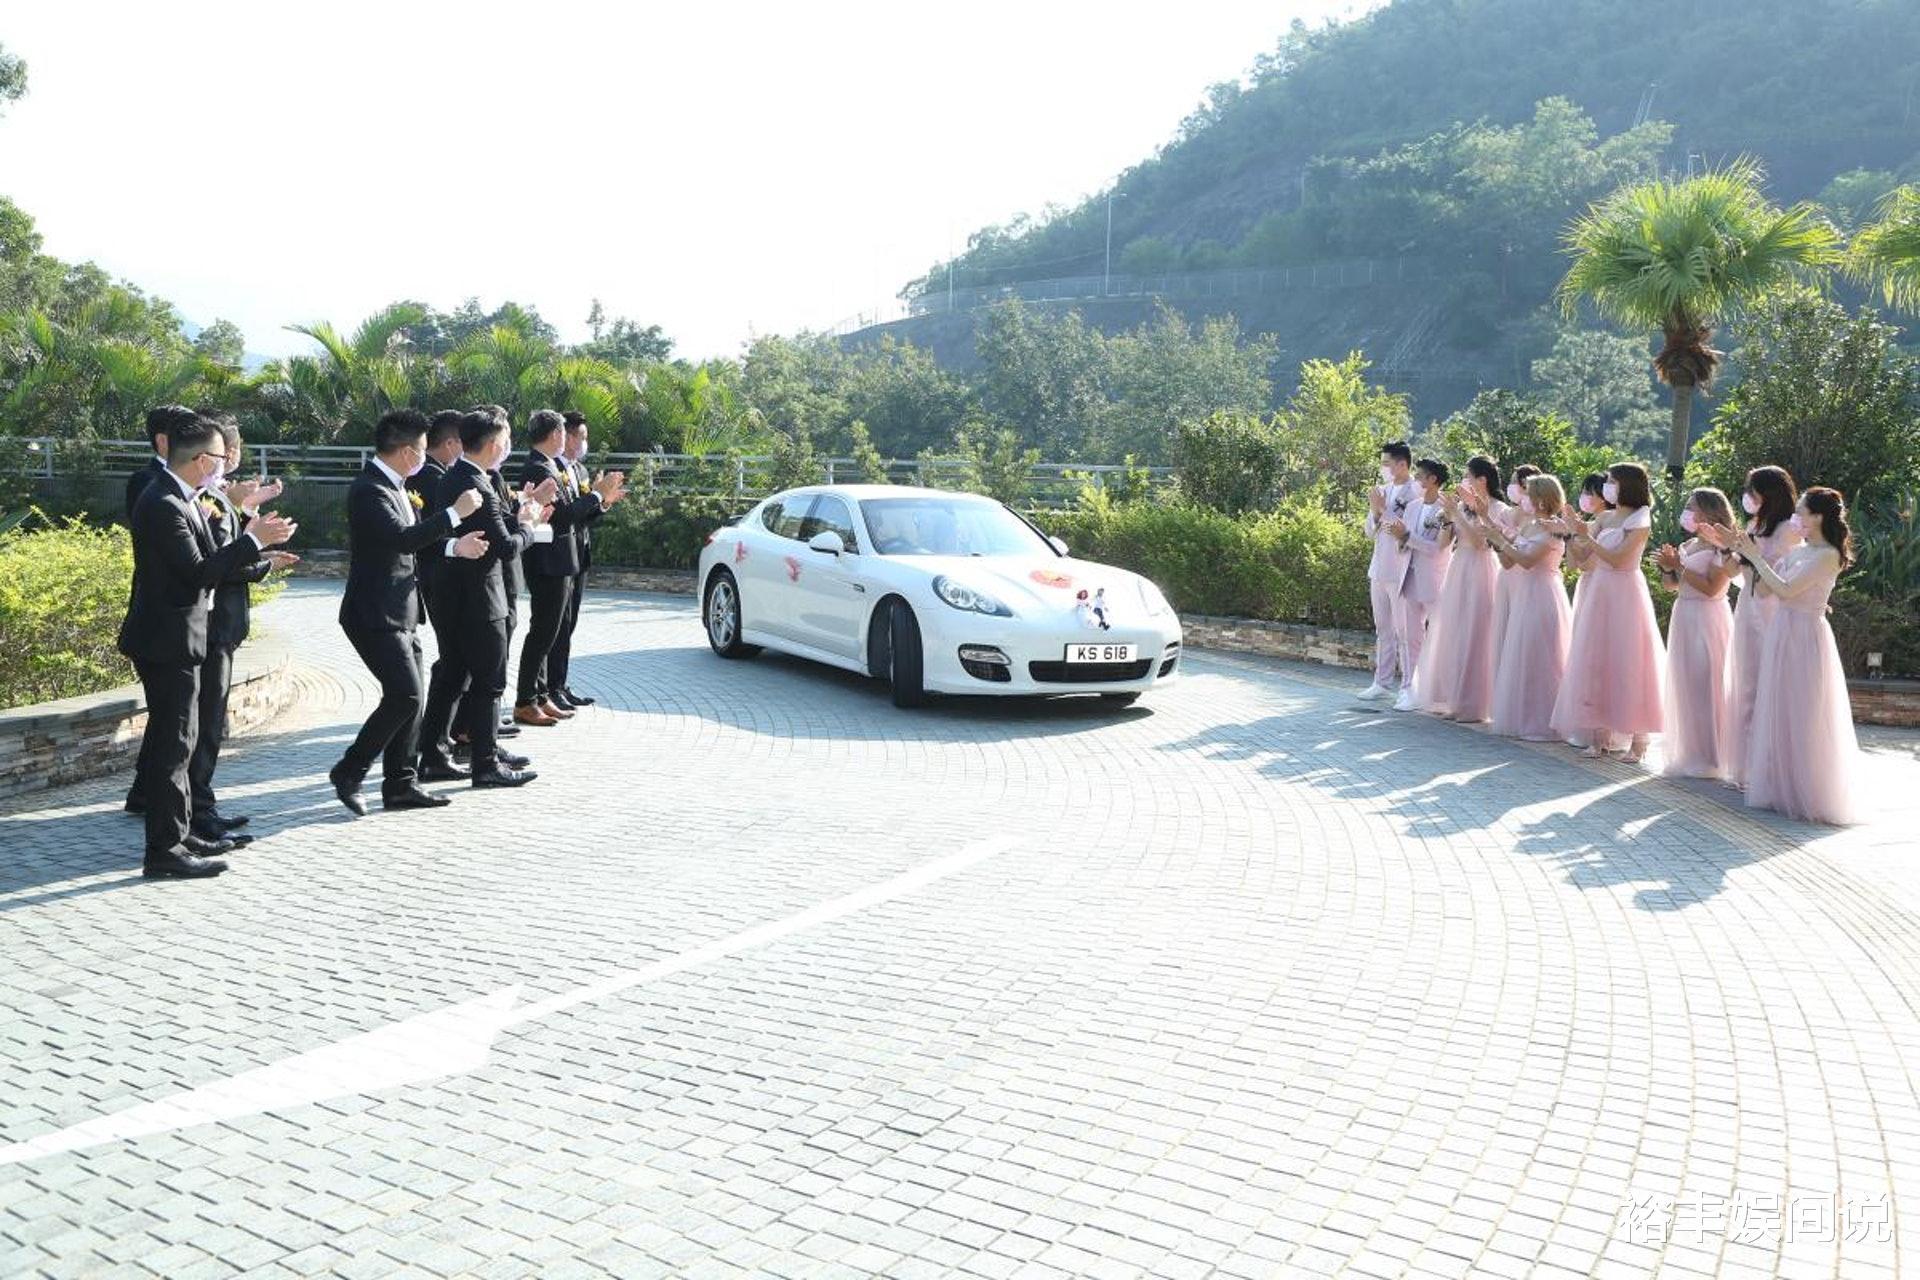 恭喜!TVB小花何雁詩今日出嫁,戴三對大龍鳳鐲,頸掛一隻大金豬-圖2